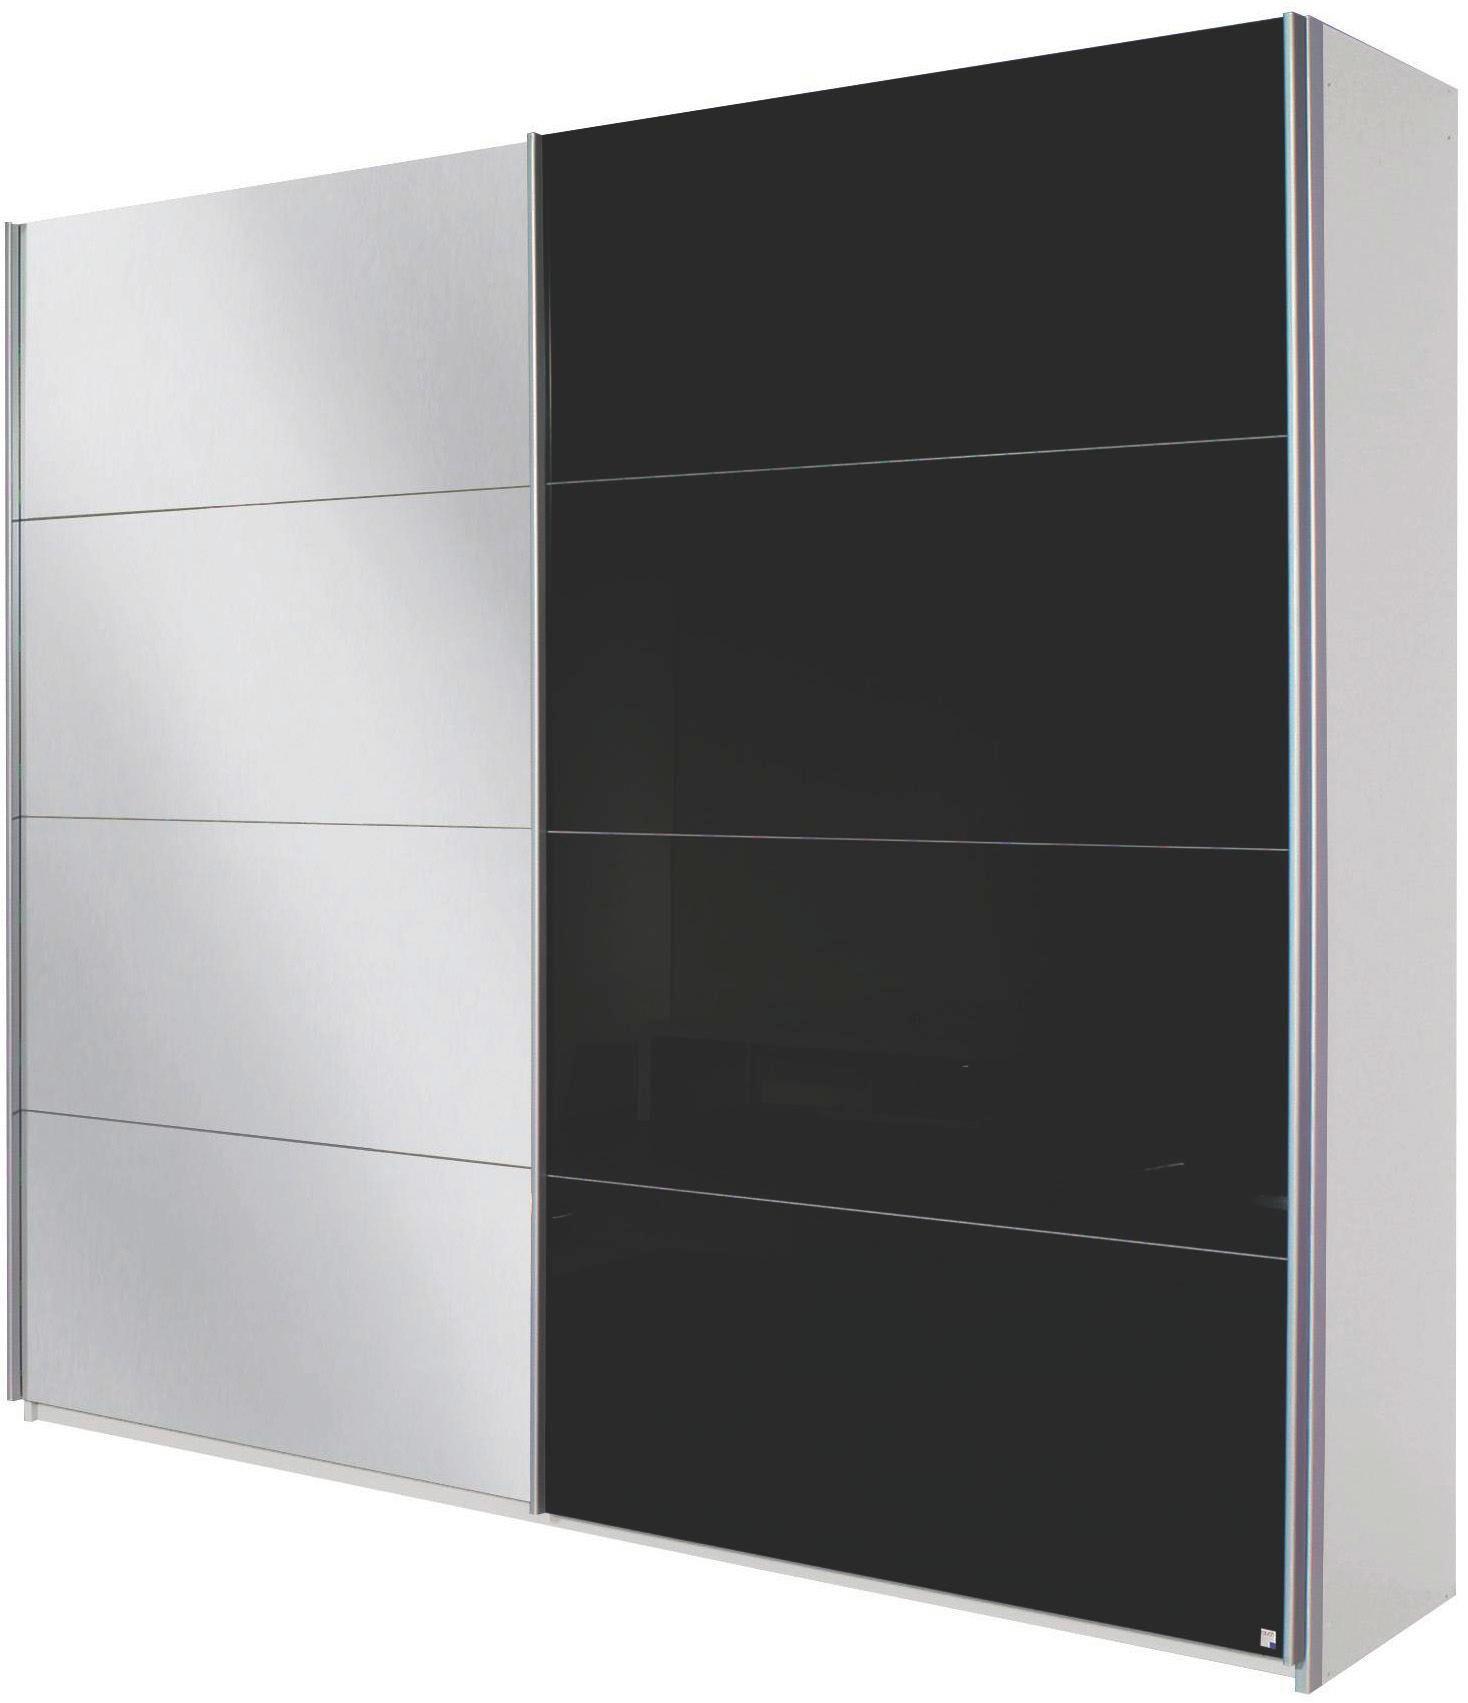 Schwebetürenschrank schwarz  Schwebetürenschrank in Weiß/Schwarz online kaufen ➤ mömax